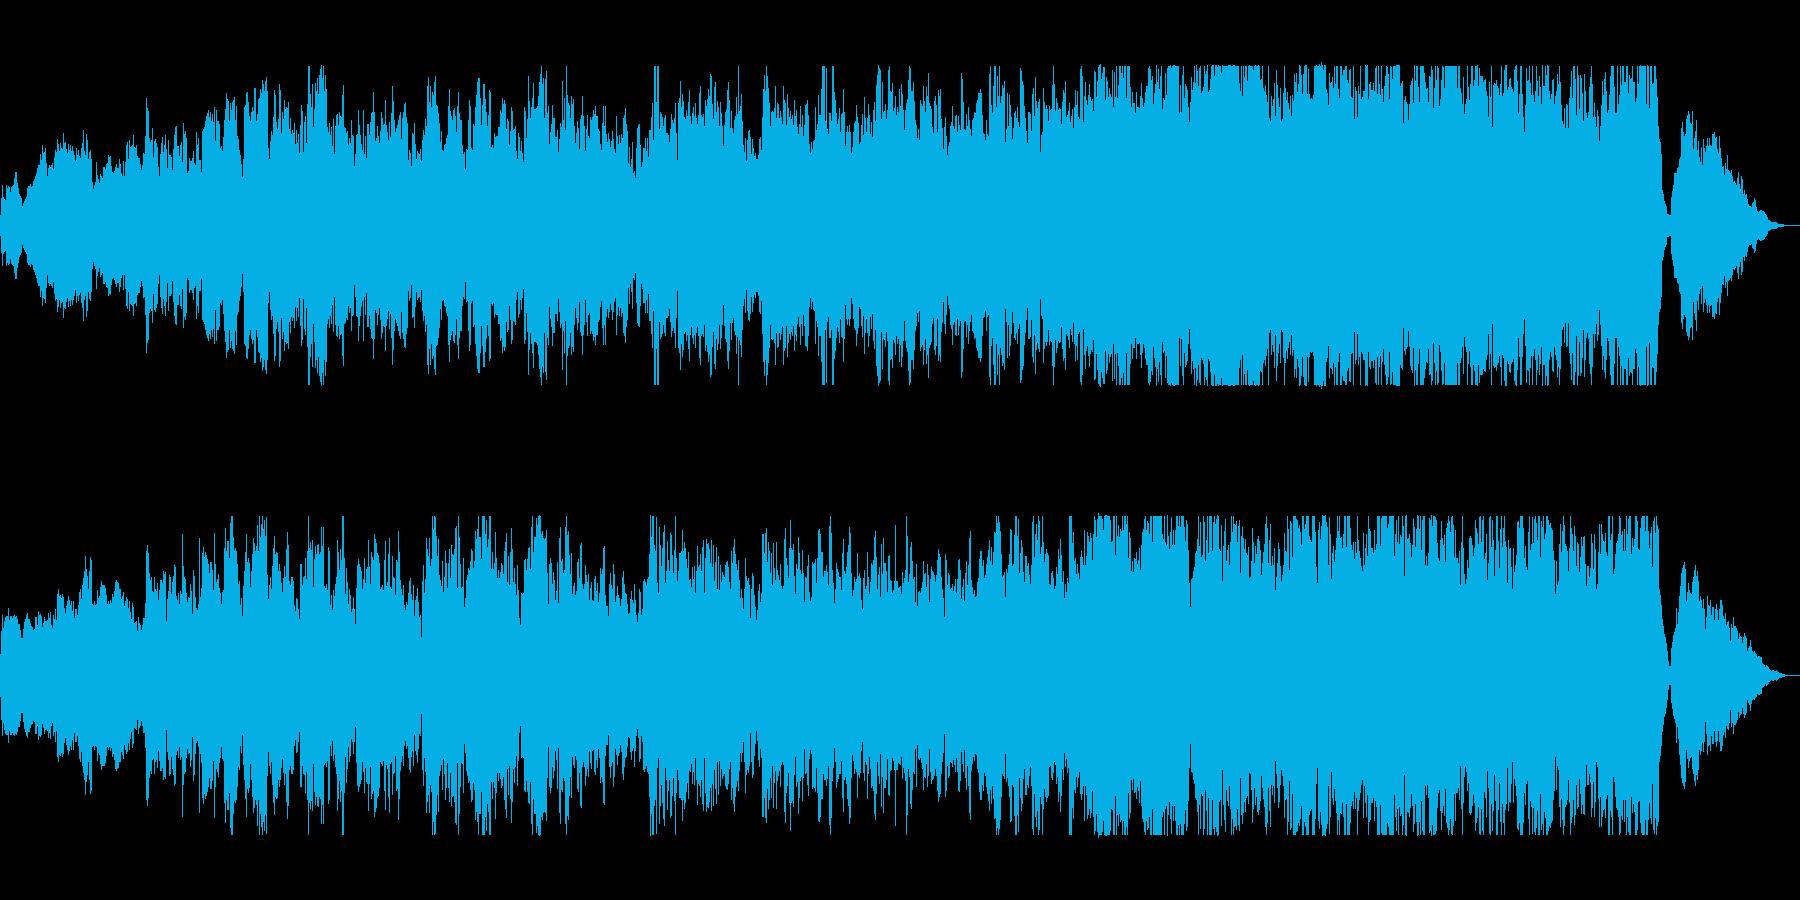 映画のBGMの様な女性ボーカルの曲の再生済みの波形